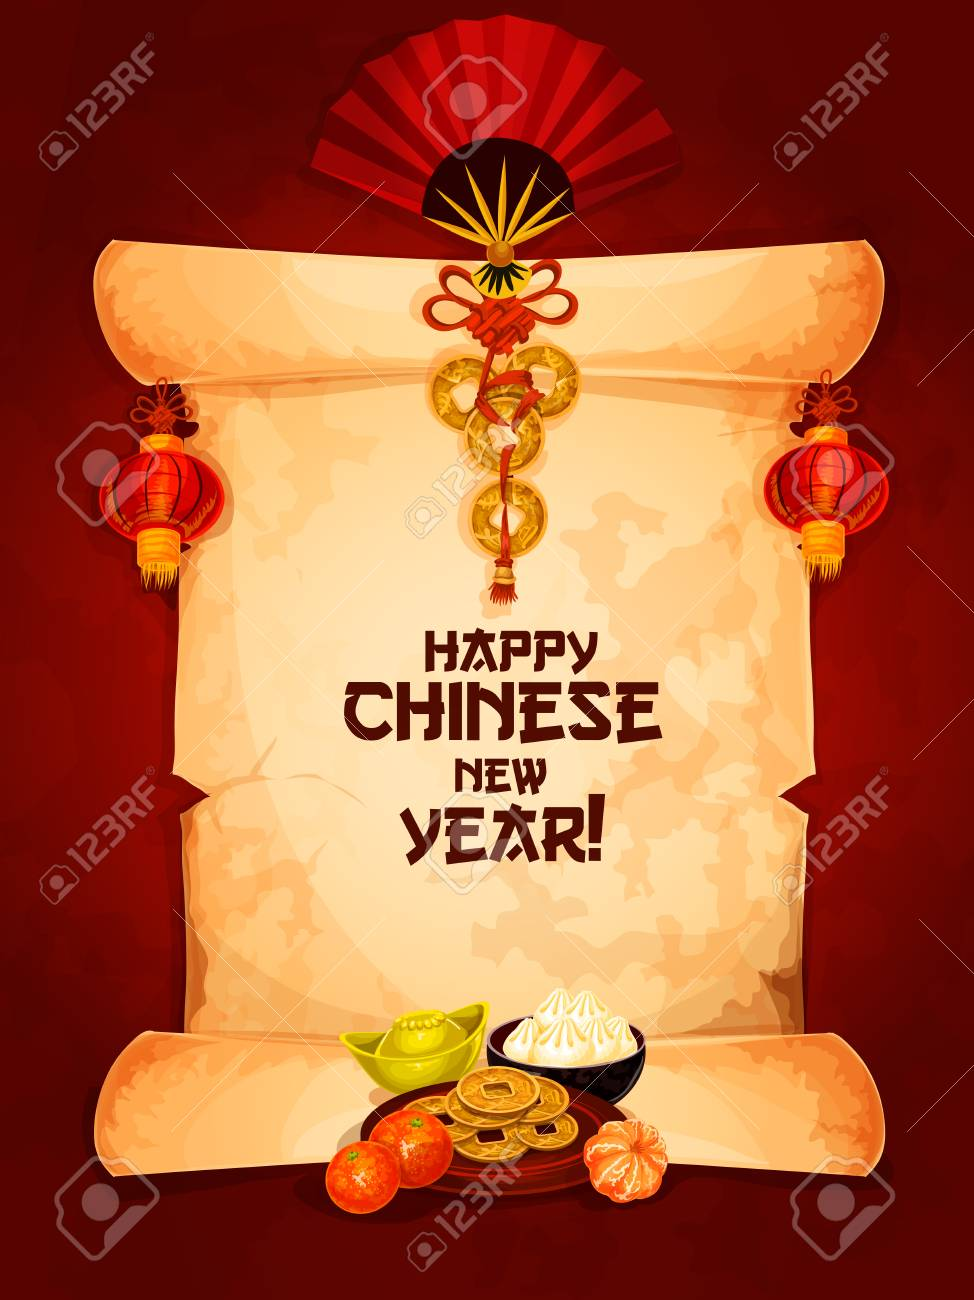 Frohes Neues Jahr Wünscht, Auf Alten Papierrolle Mit Roten Laterne ...